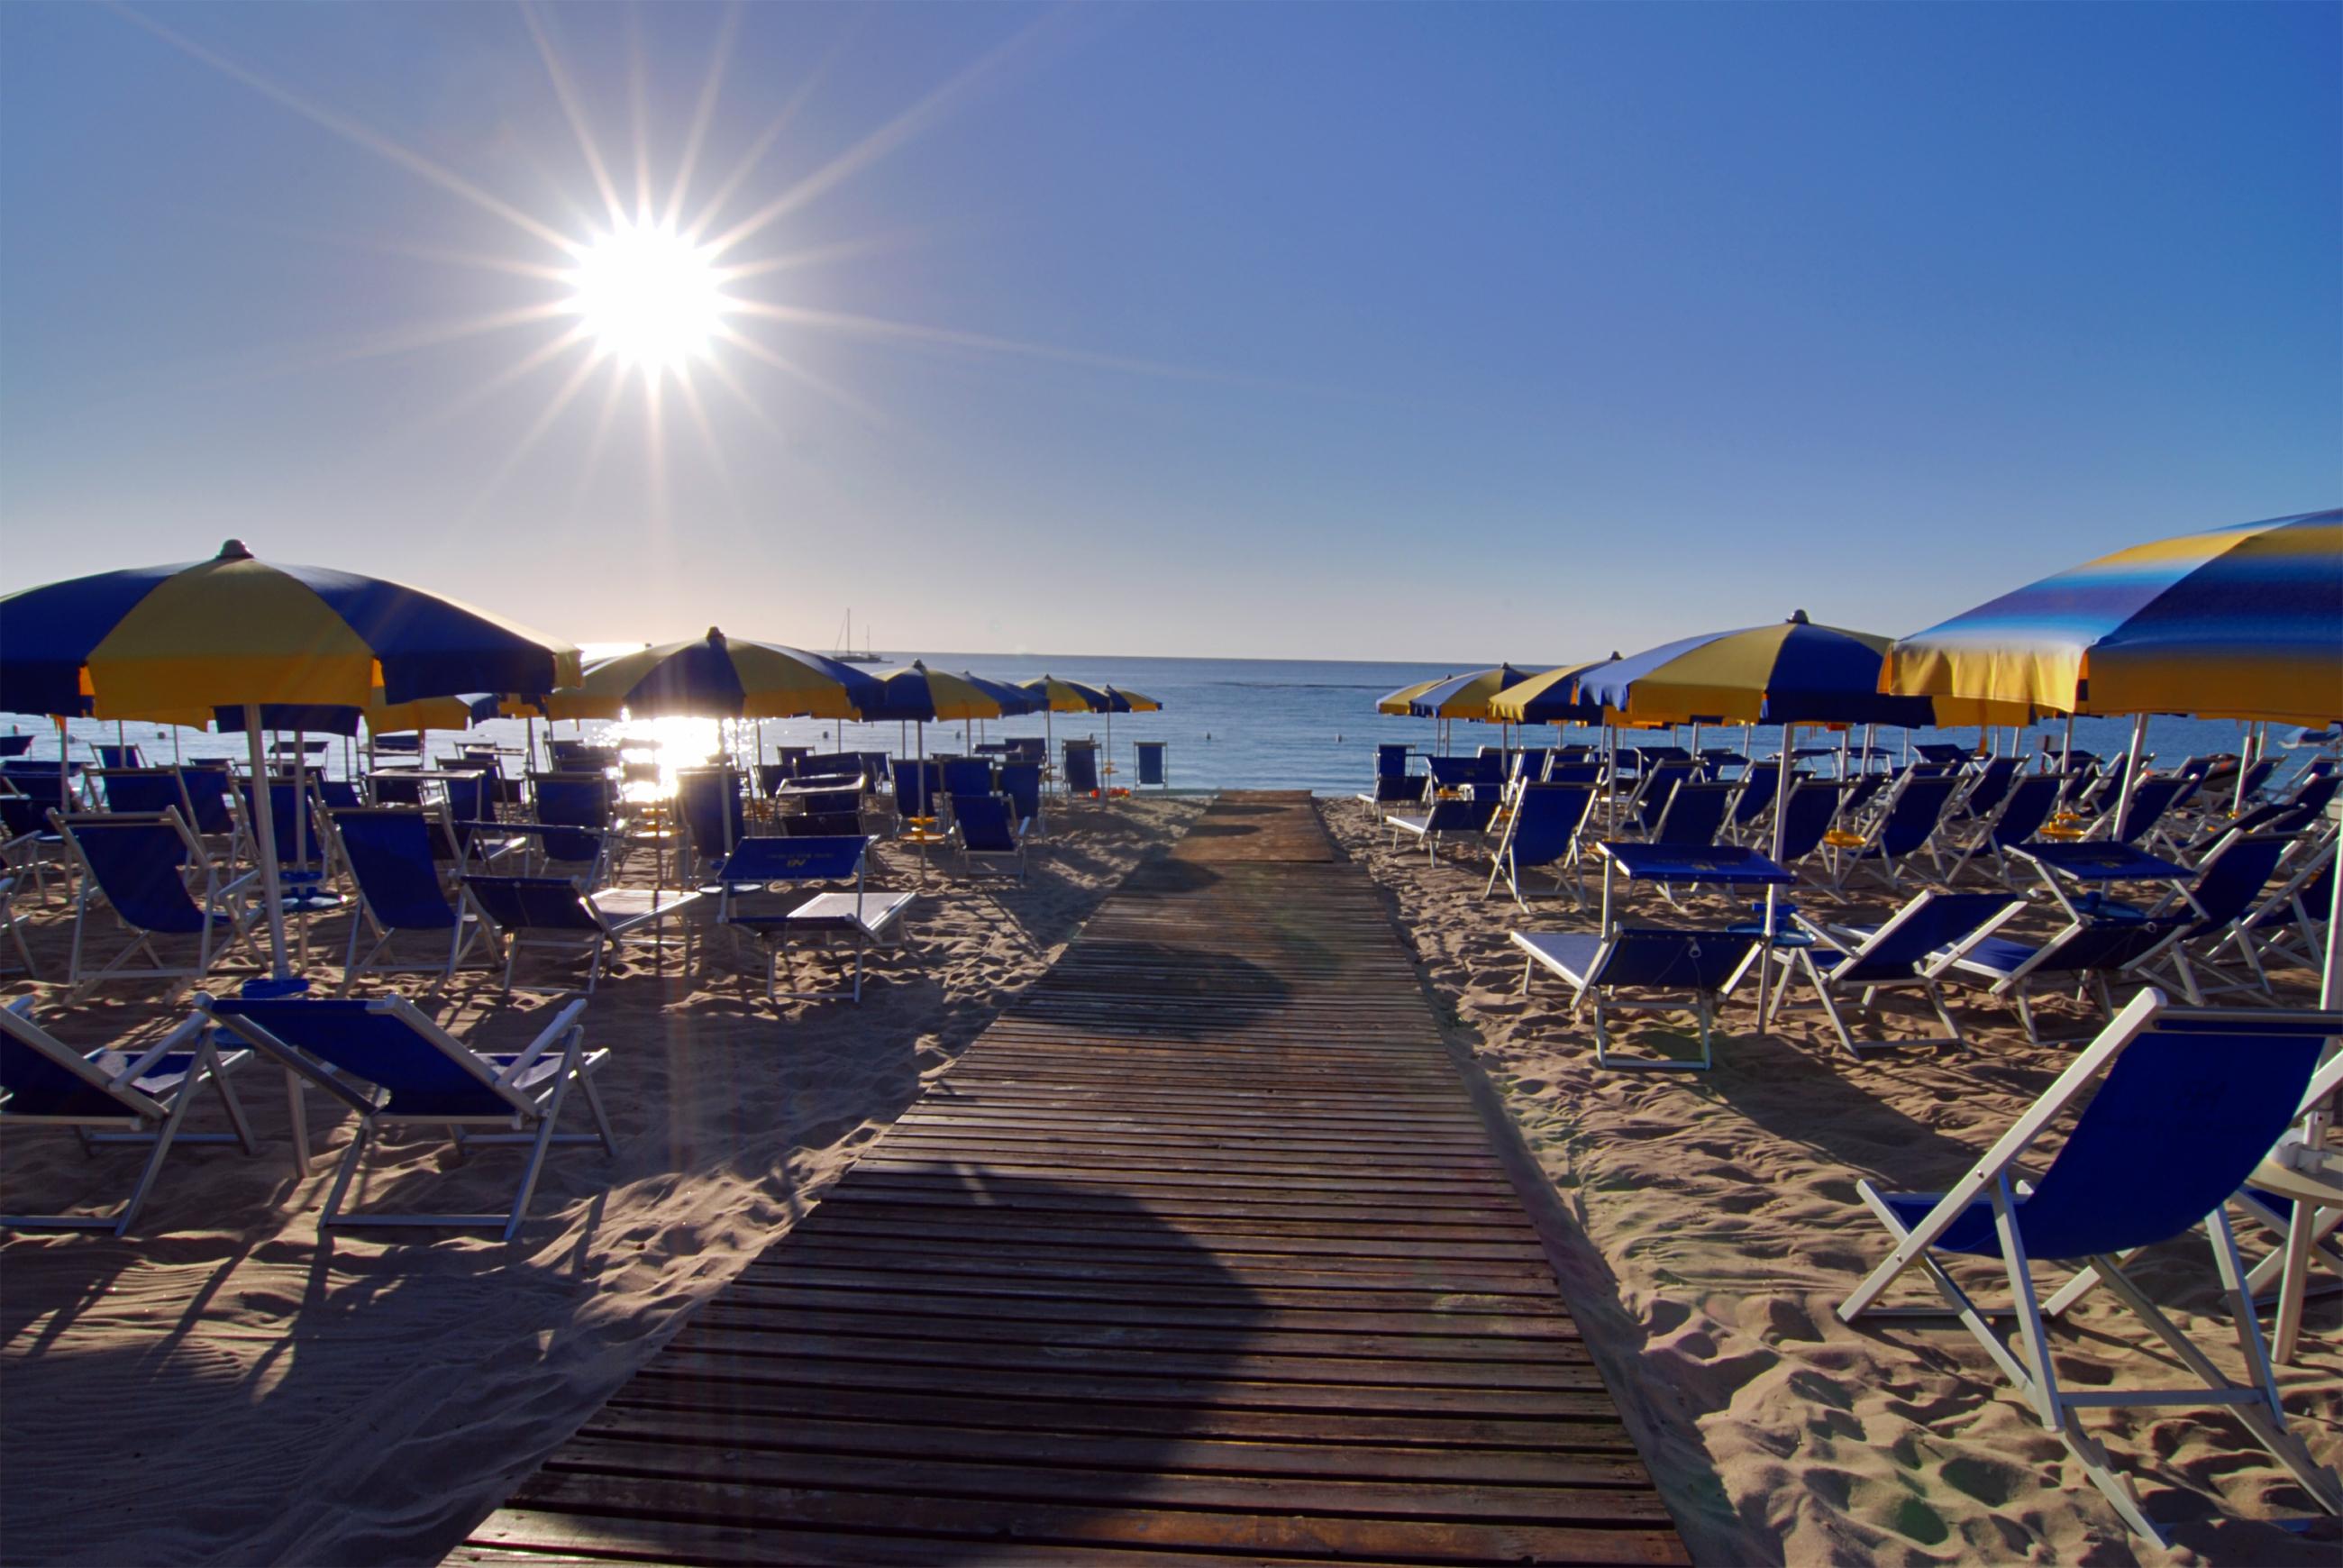 Rimini: visit a Roman era city - Rimini  - Visit Italy